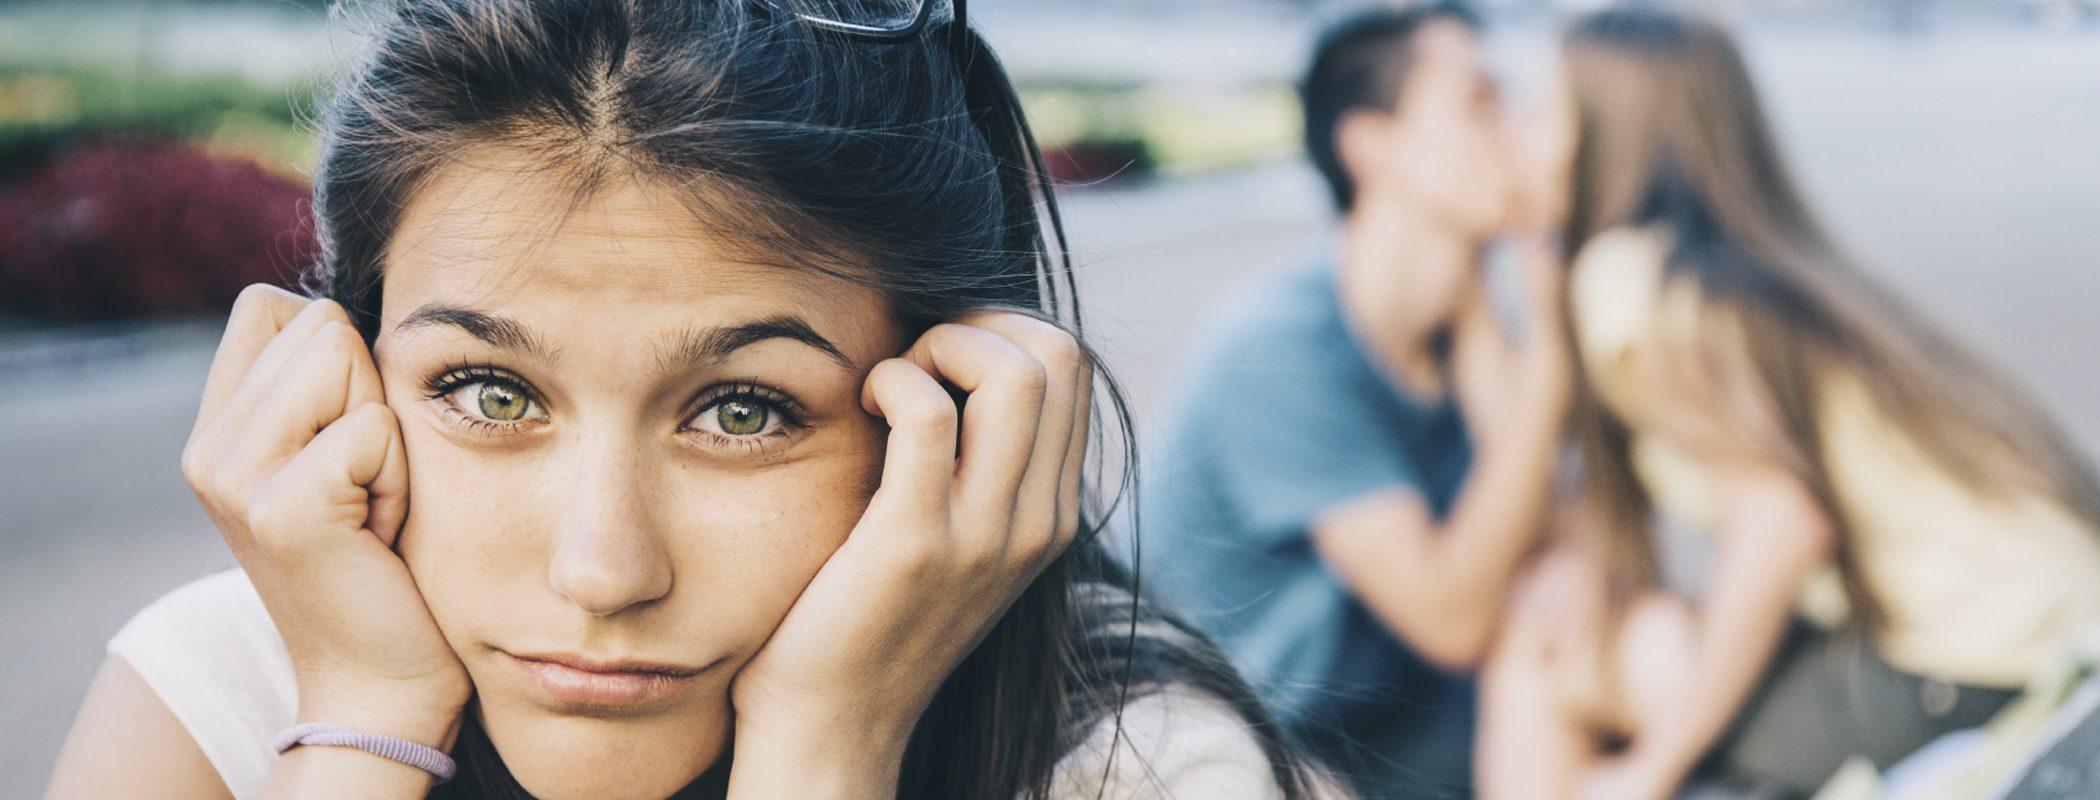 Un Beso Incluso Hacer El Amor Solamente Cuando A Tu Pareja Le Viene Enganas 8535